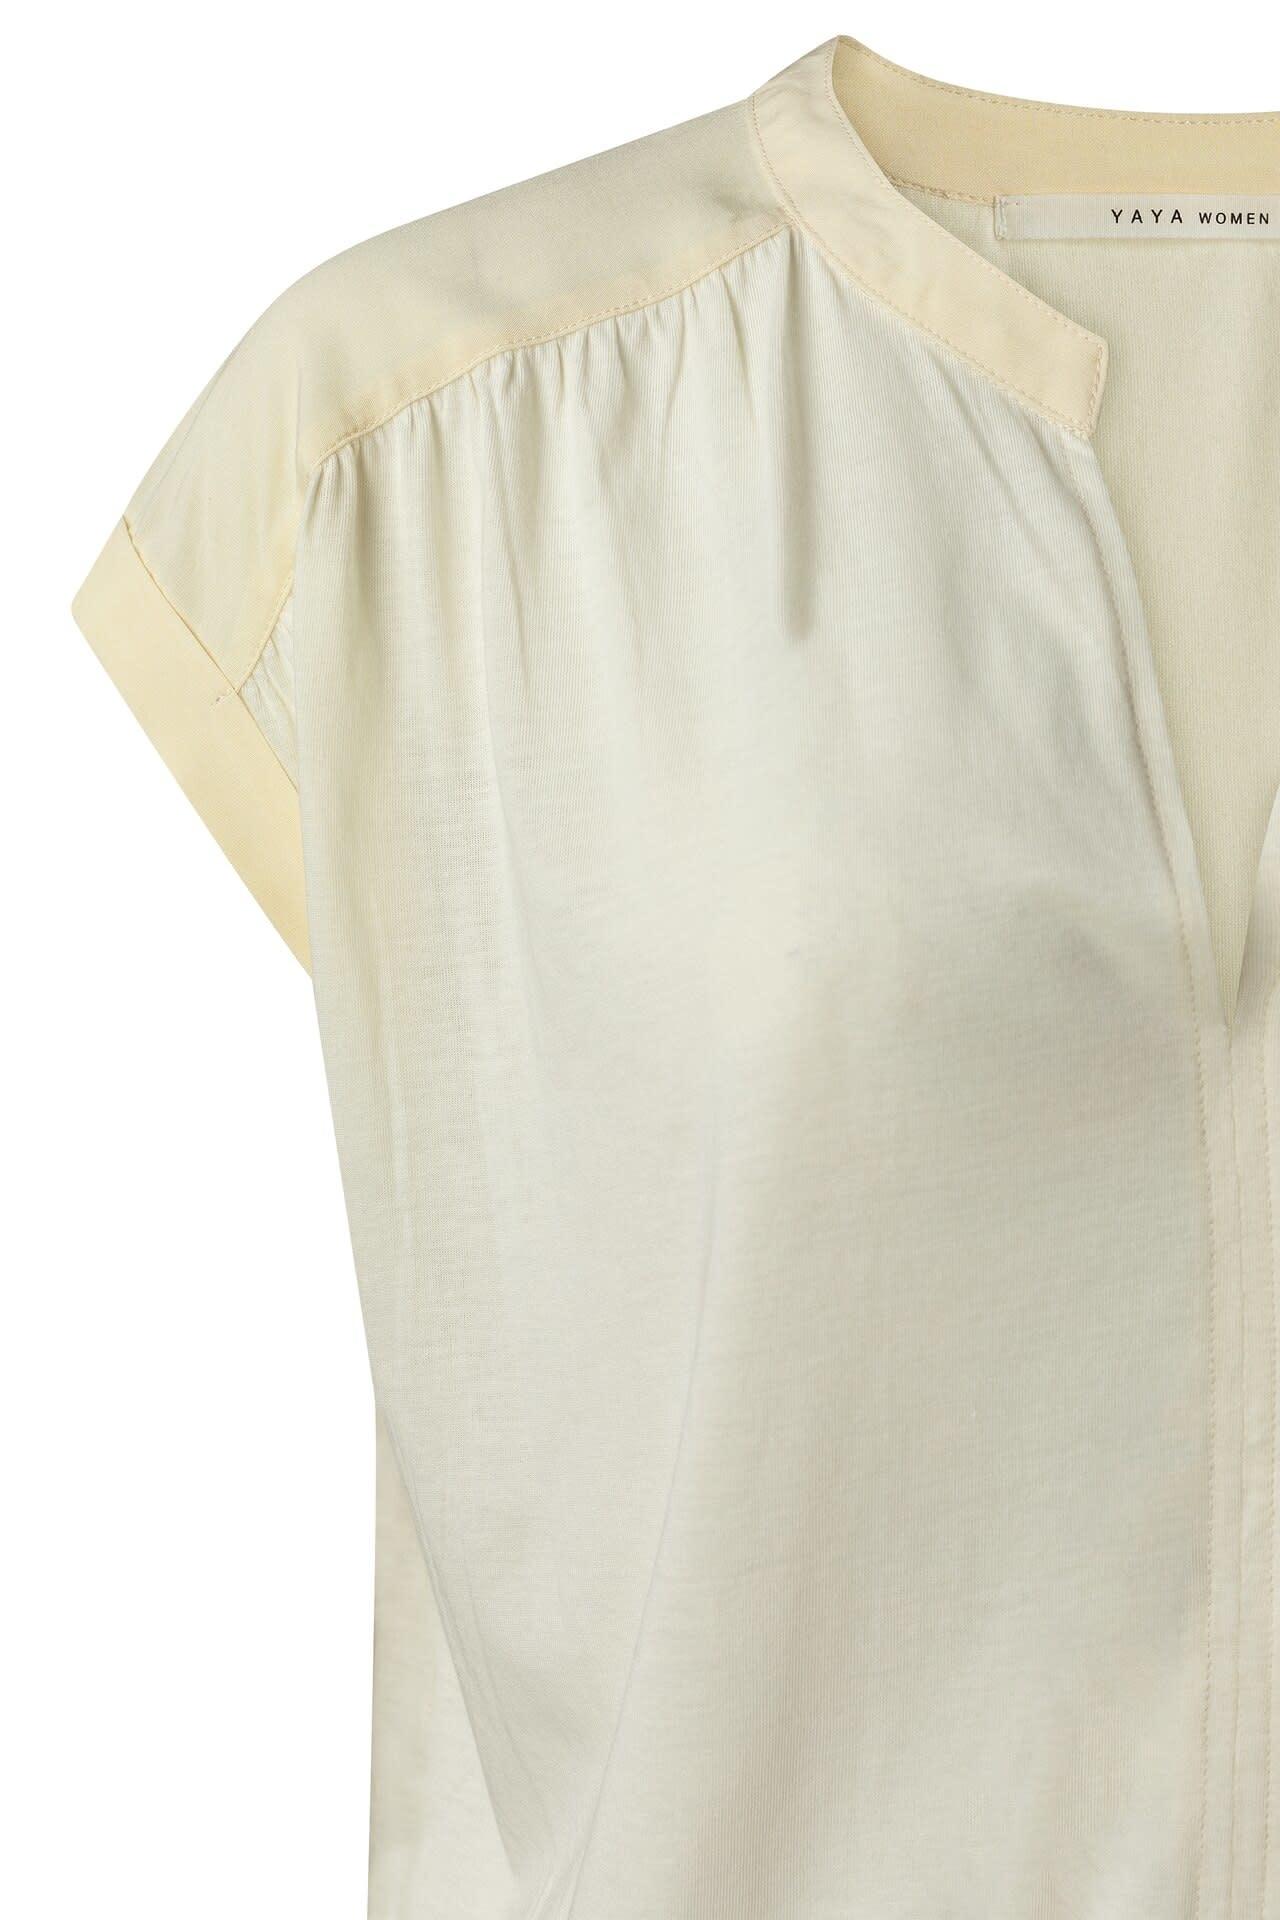 YAYA Women Fabric mix top